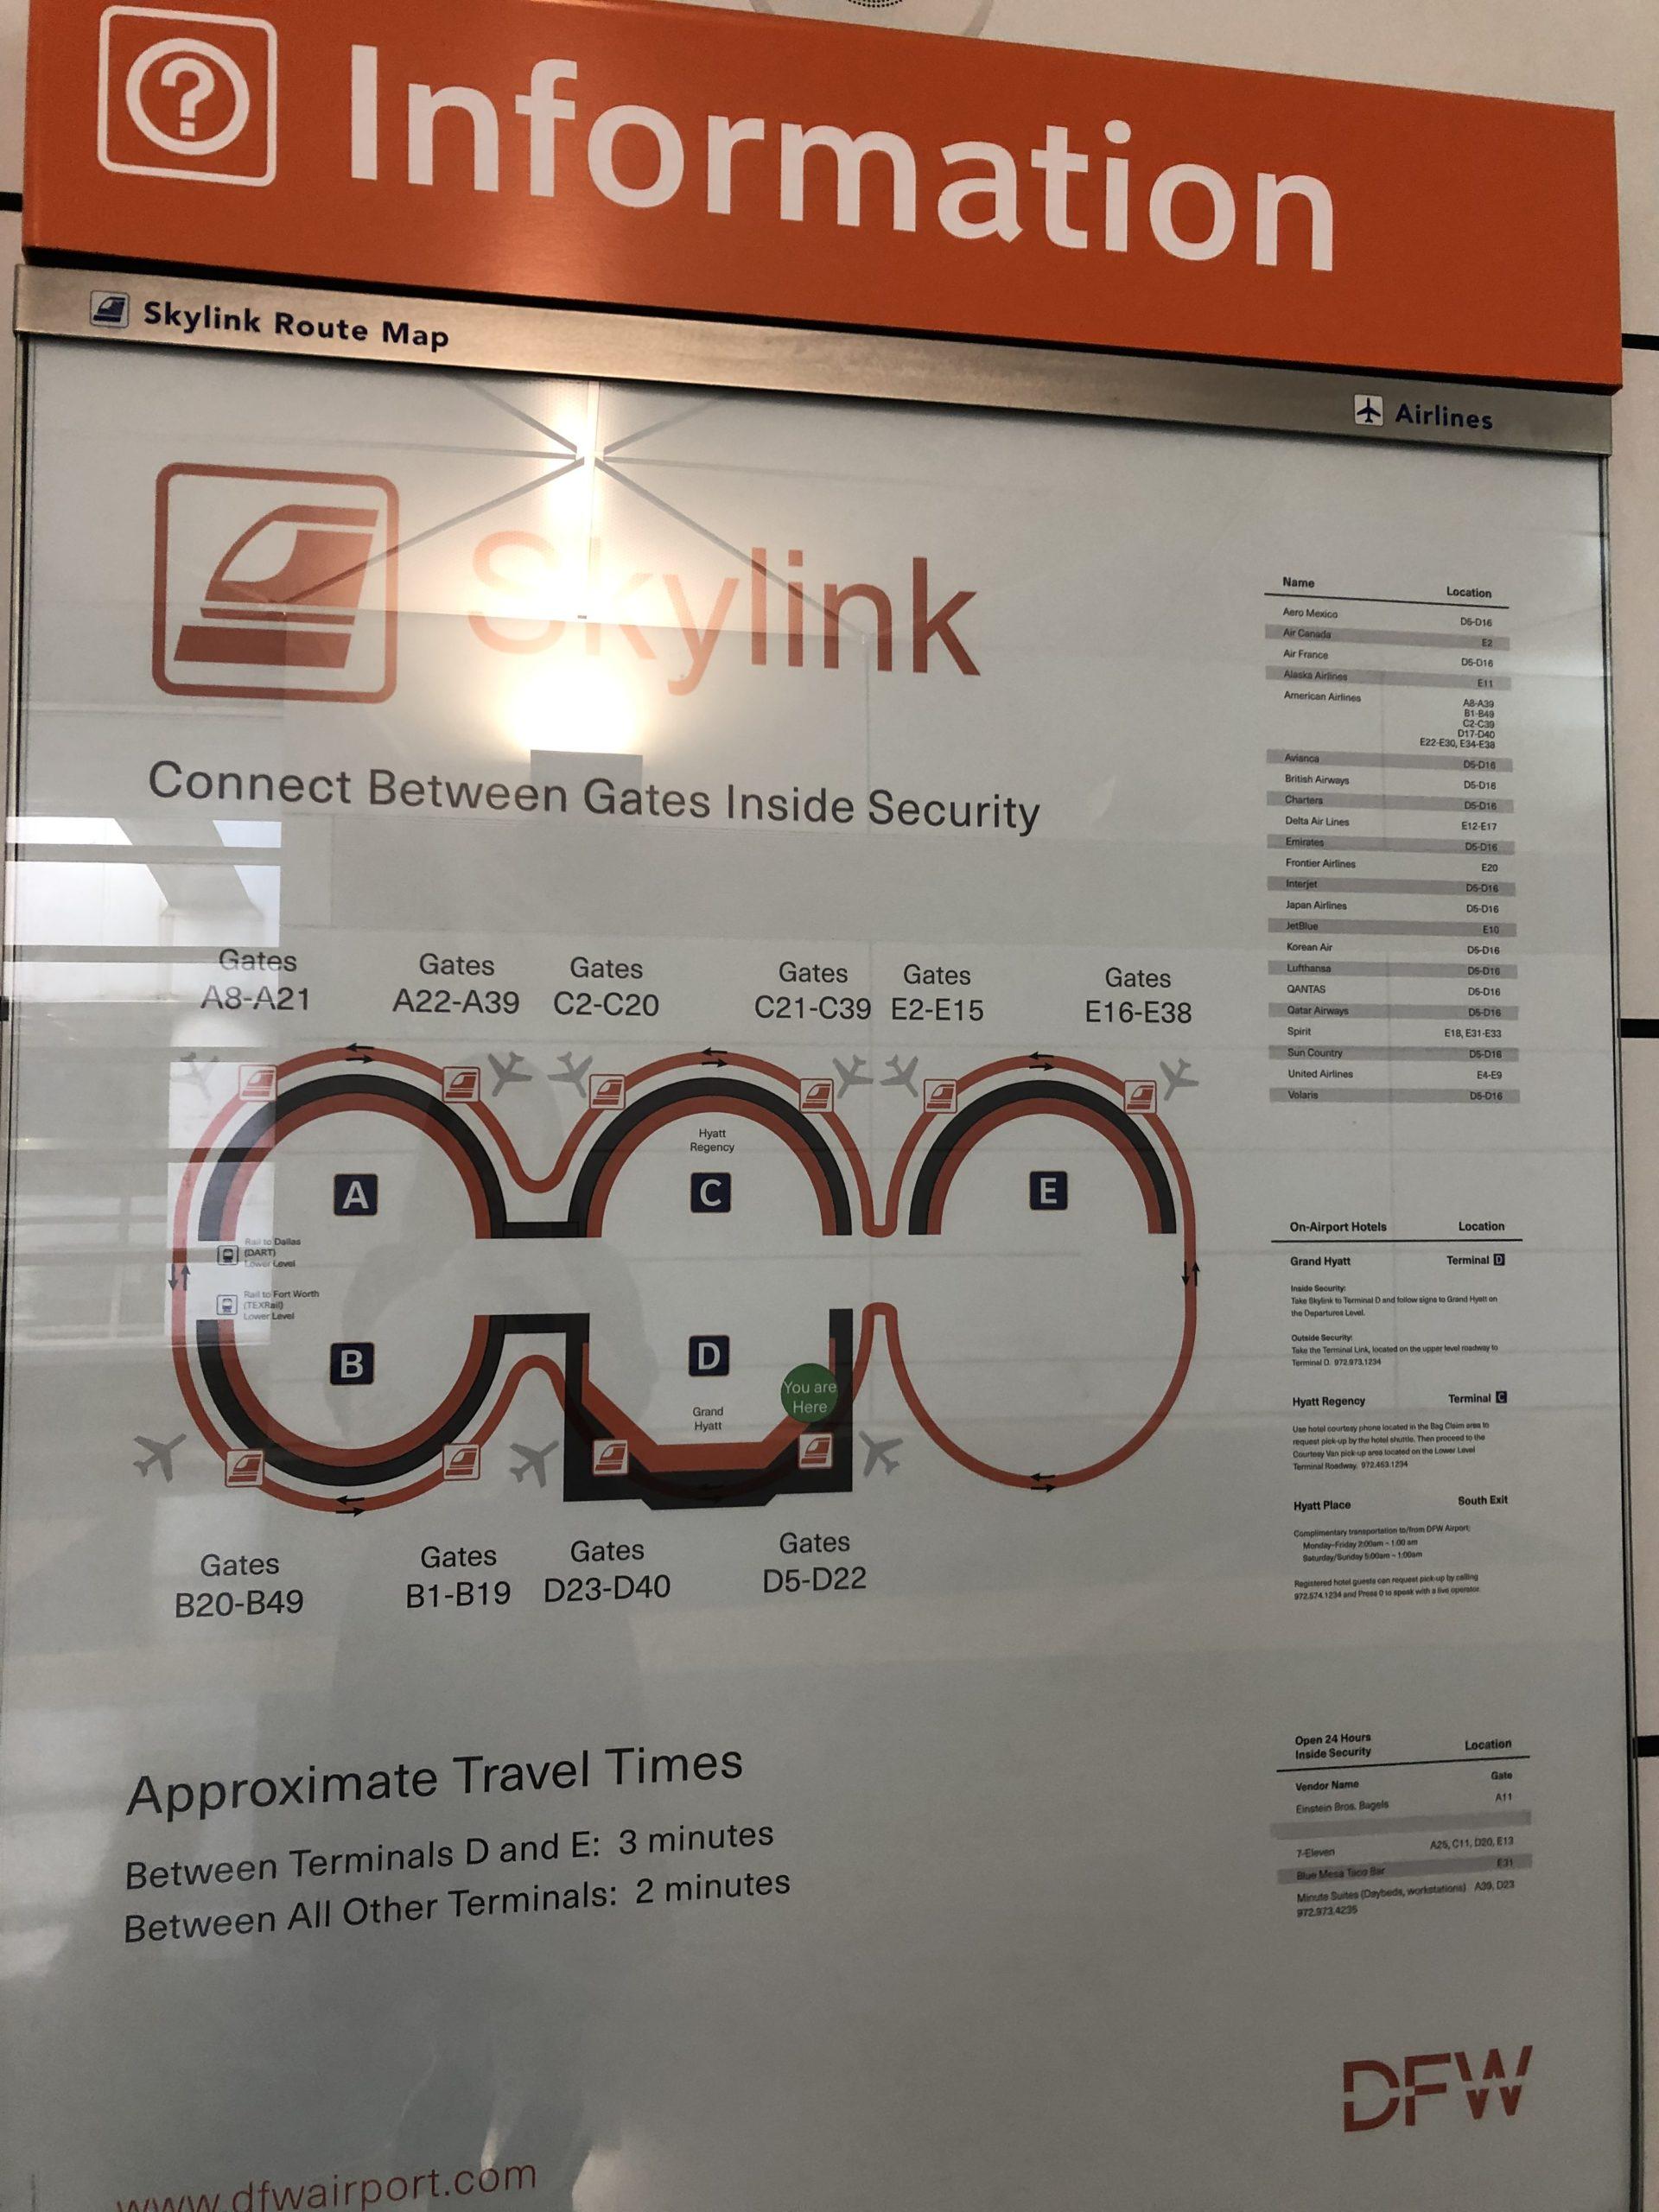 ダラス国際空港 スカリンク地図